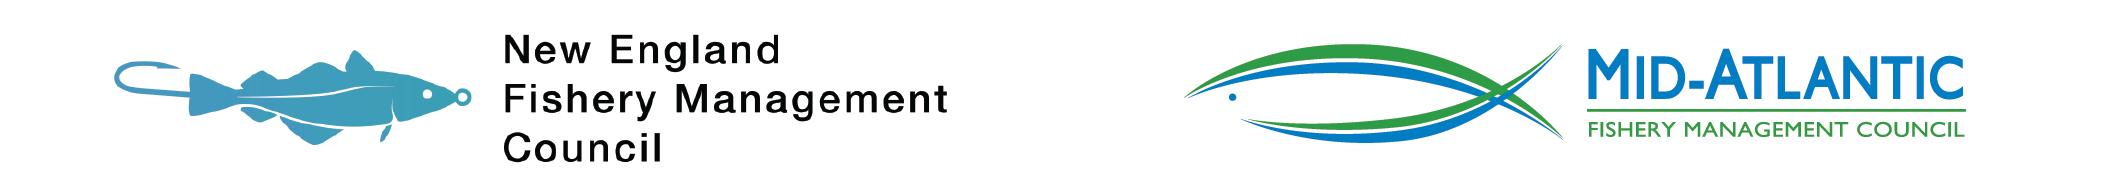 MAFMC-NEFMC Logos 6-01.png